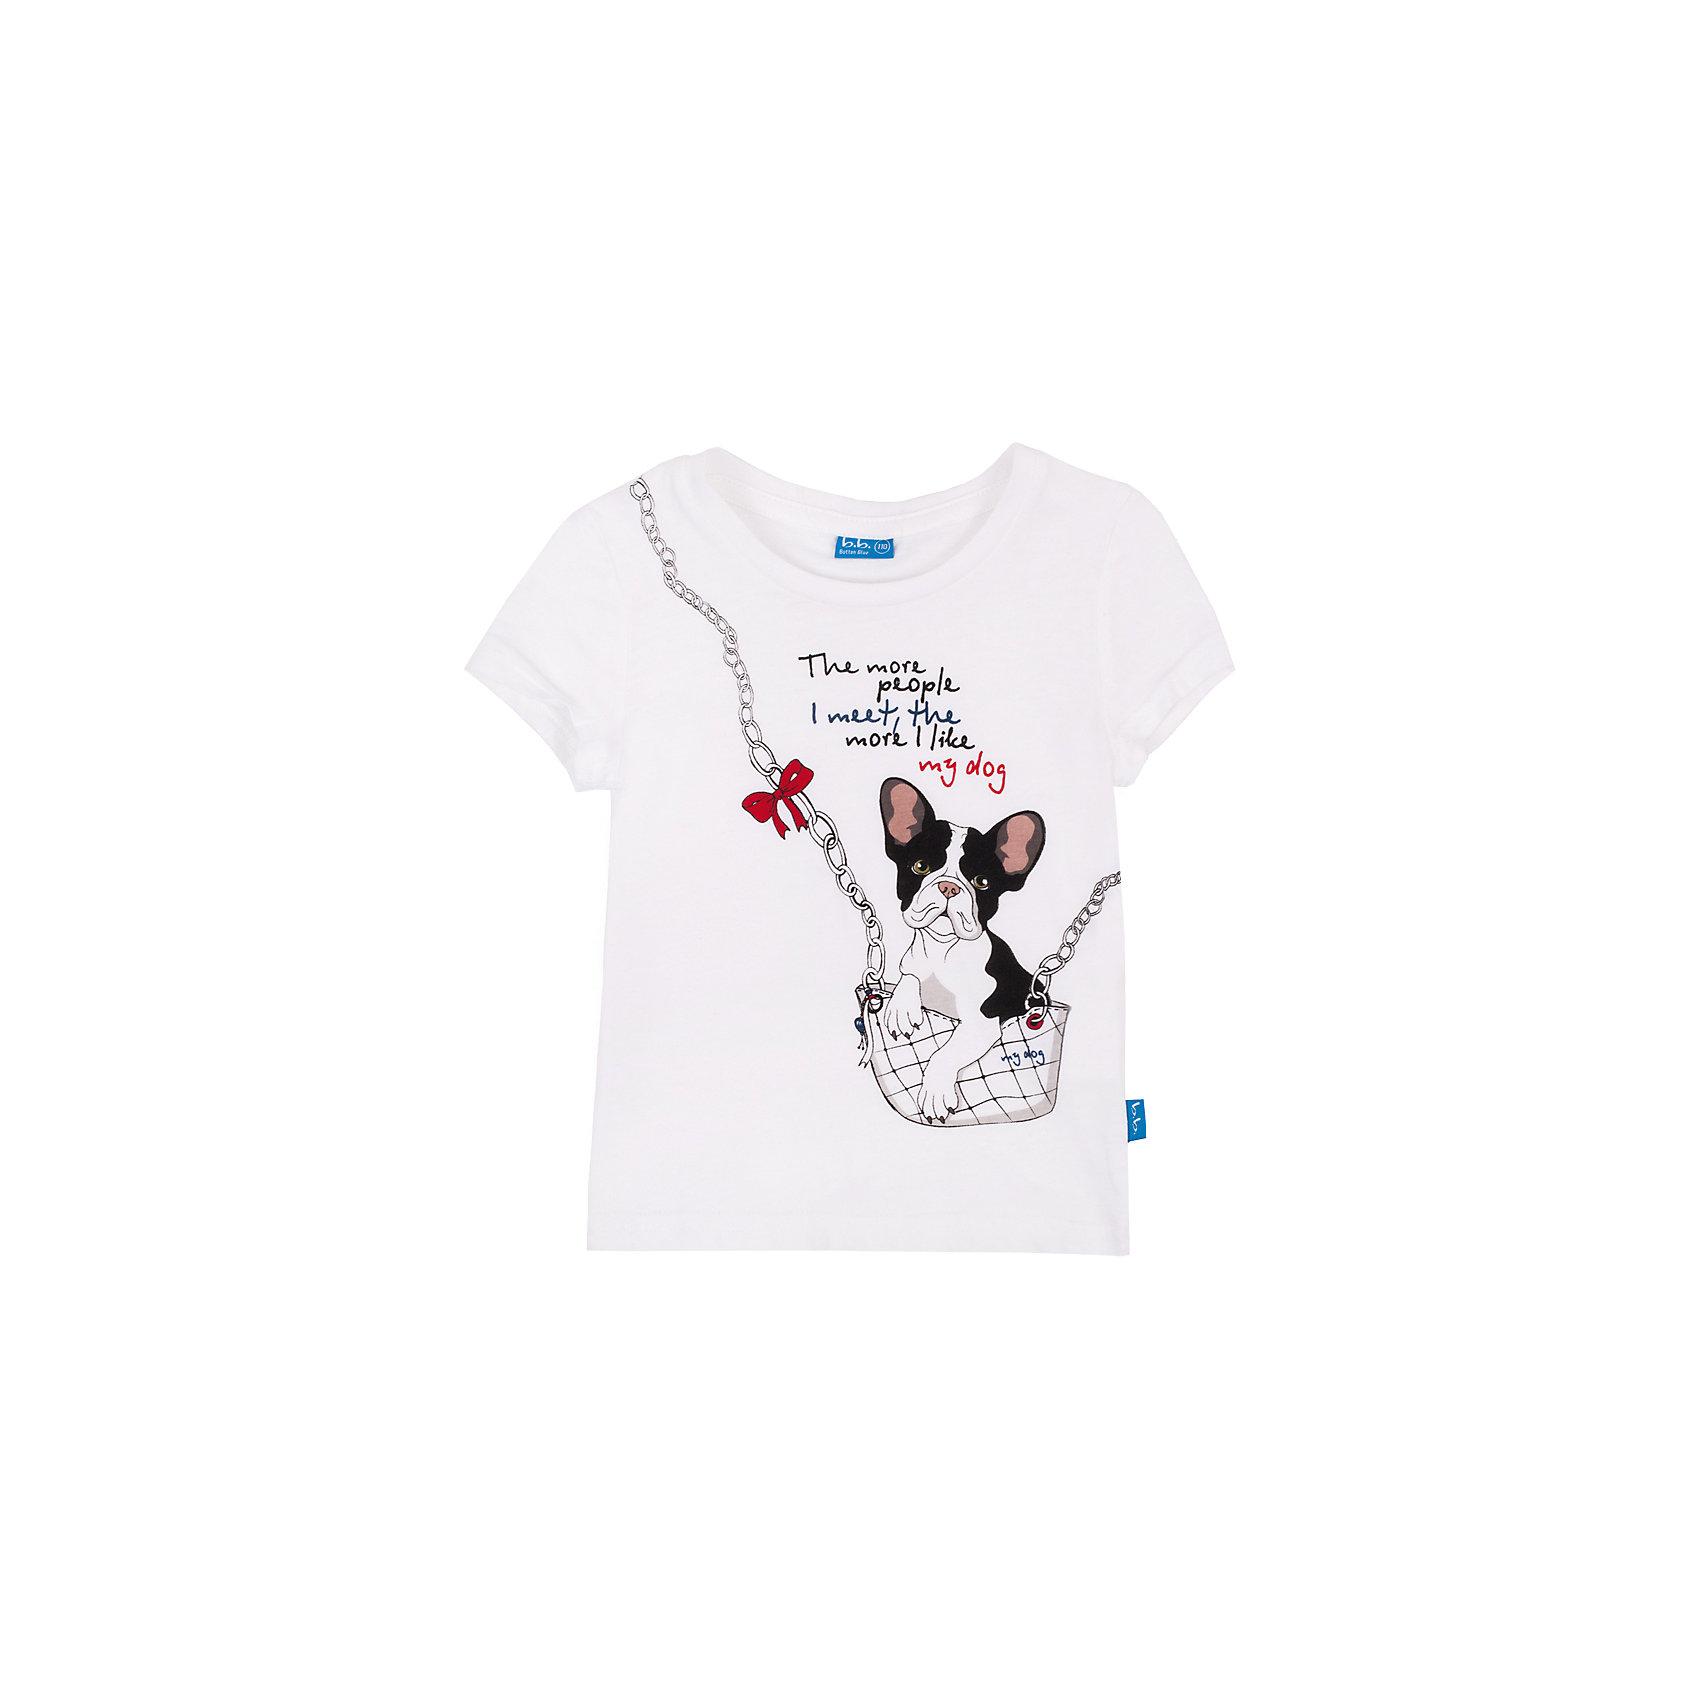 Футболка для девочки Button BlueБелая футболка с ярким принтом - не просто базовая вещь в гардеробе ребенка, а залог хорошего летнего настроения! Отличное качество и доступная цена прилагаются. Если вы решили купить недорогую белую футболку для девочки, выберете модель футболки с оригинальным принтом, и ваш ребенок будет доволен!<br>Состав:<br>100% хлопок<br><br>Ширина мм: 199<br>Глубина мм: 10<br>Высота мм: 161<br>Вес г: 151<br>Цвет: белый<br>Возраст от месяцев: 48<br>Возраст до месяцев: 60<br>Пол: Женский<br>Возраст: Детский<br>Размер: 110,98,146,134,122,104,158,152,128,116,140<br>SKU: 4510035